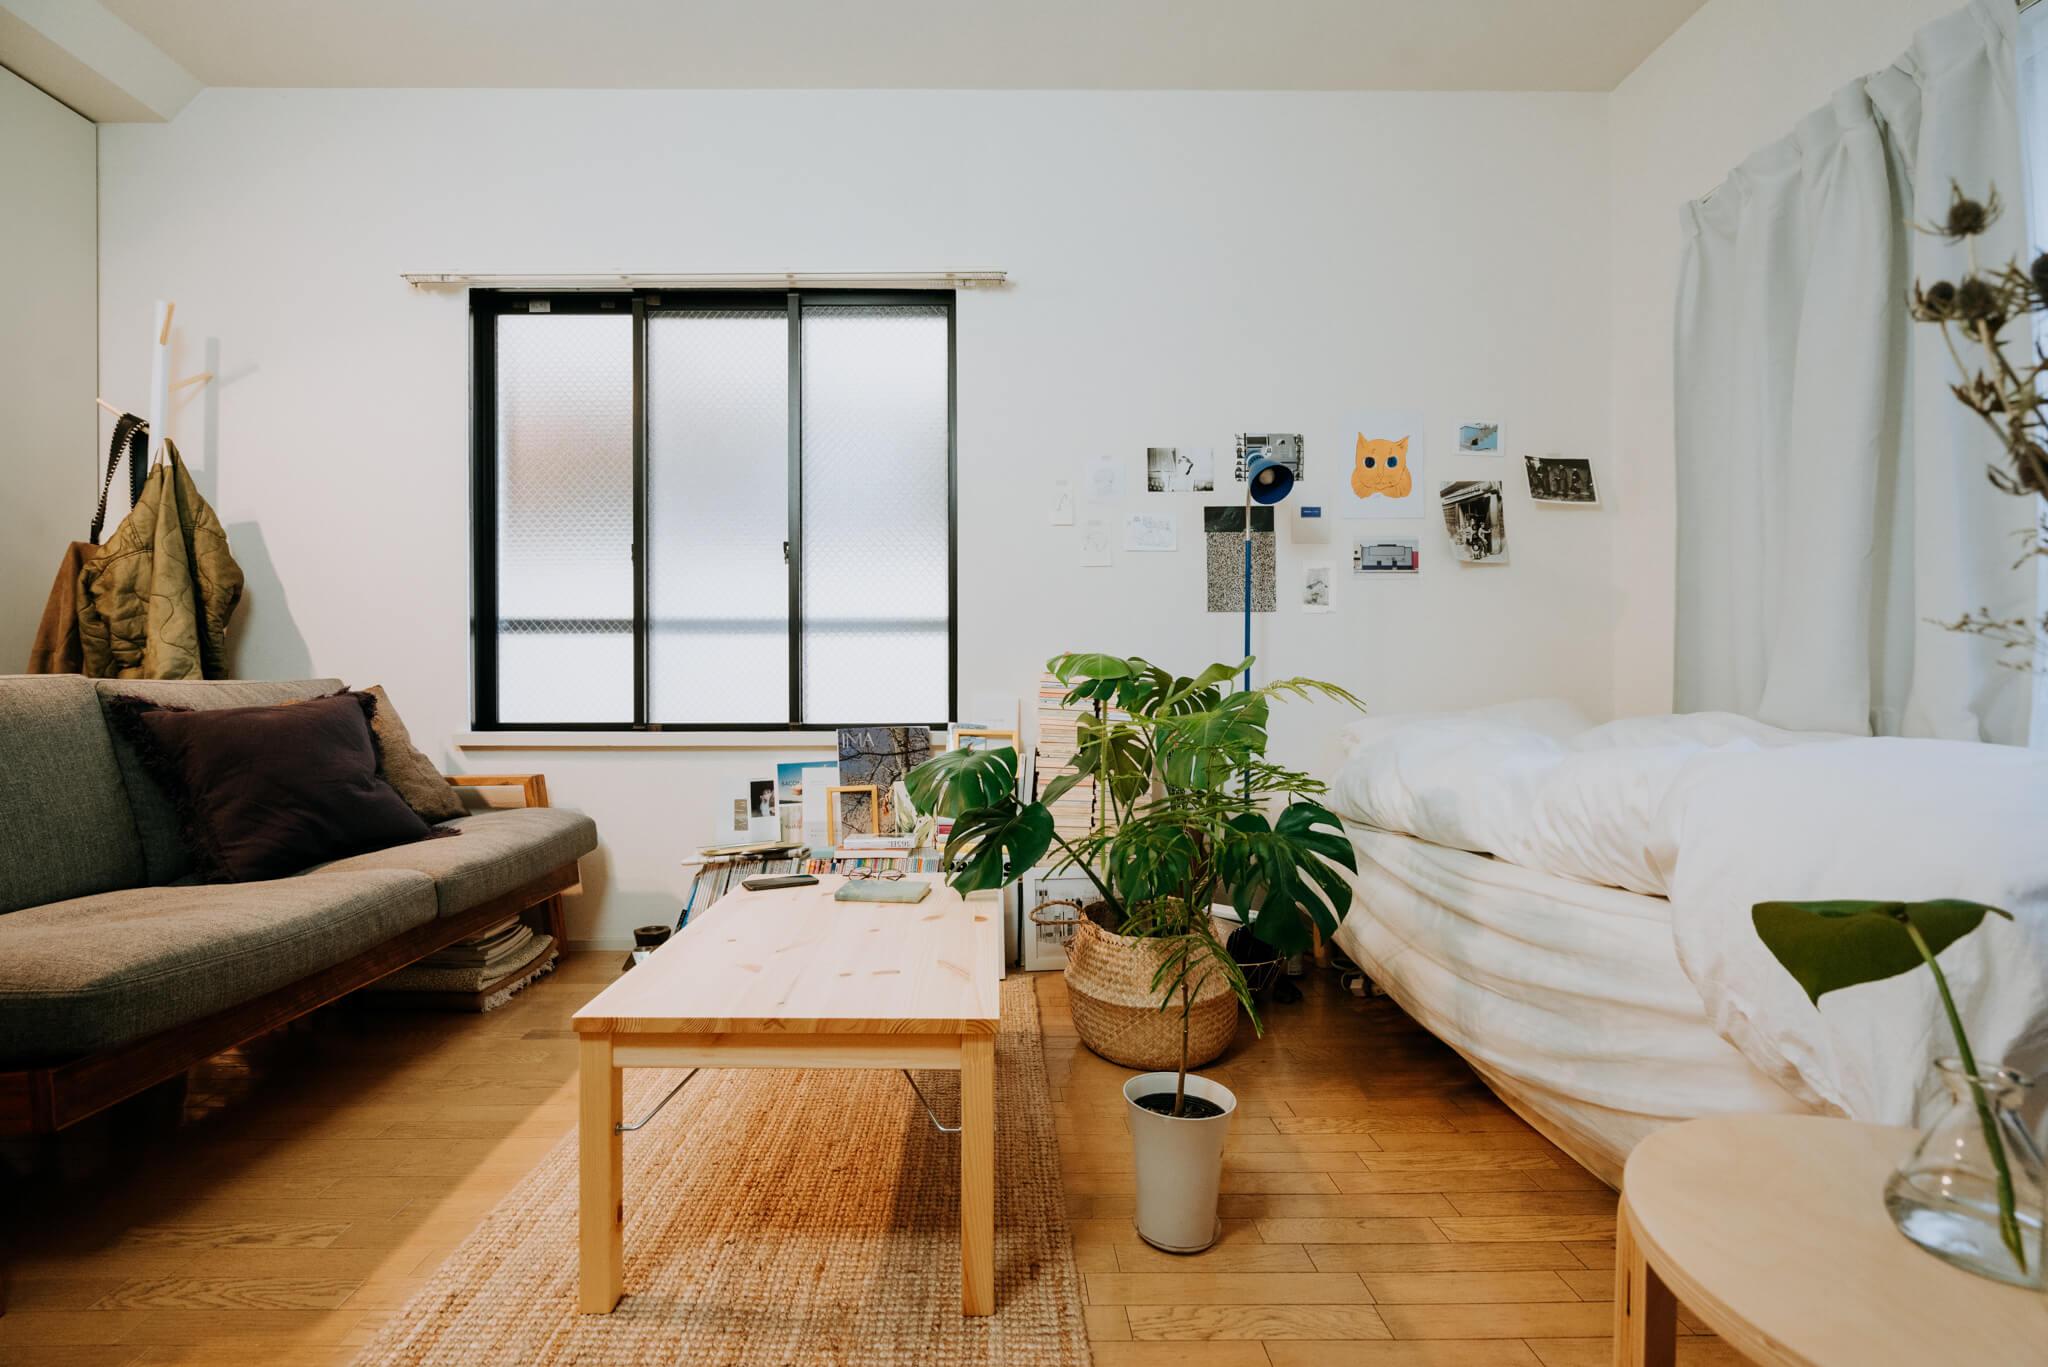 ベッドとリビングを一緒に置かなければいけない、ワンルーム。完全に見えなくすることはむりでも、こちらのお部屋のように、少し大きめの観葉植物などで仕切ることもアイディアのひとつ。布を下げるよりも、お部屋を広く見せることができそうです。